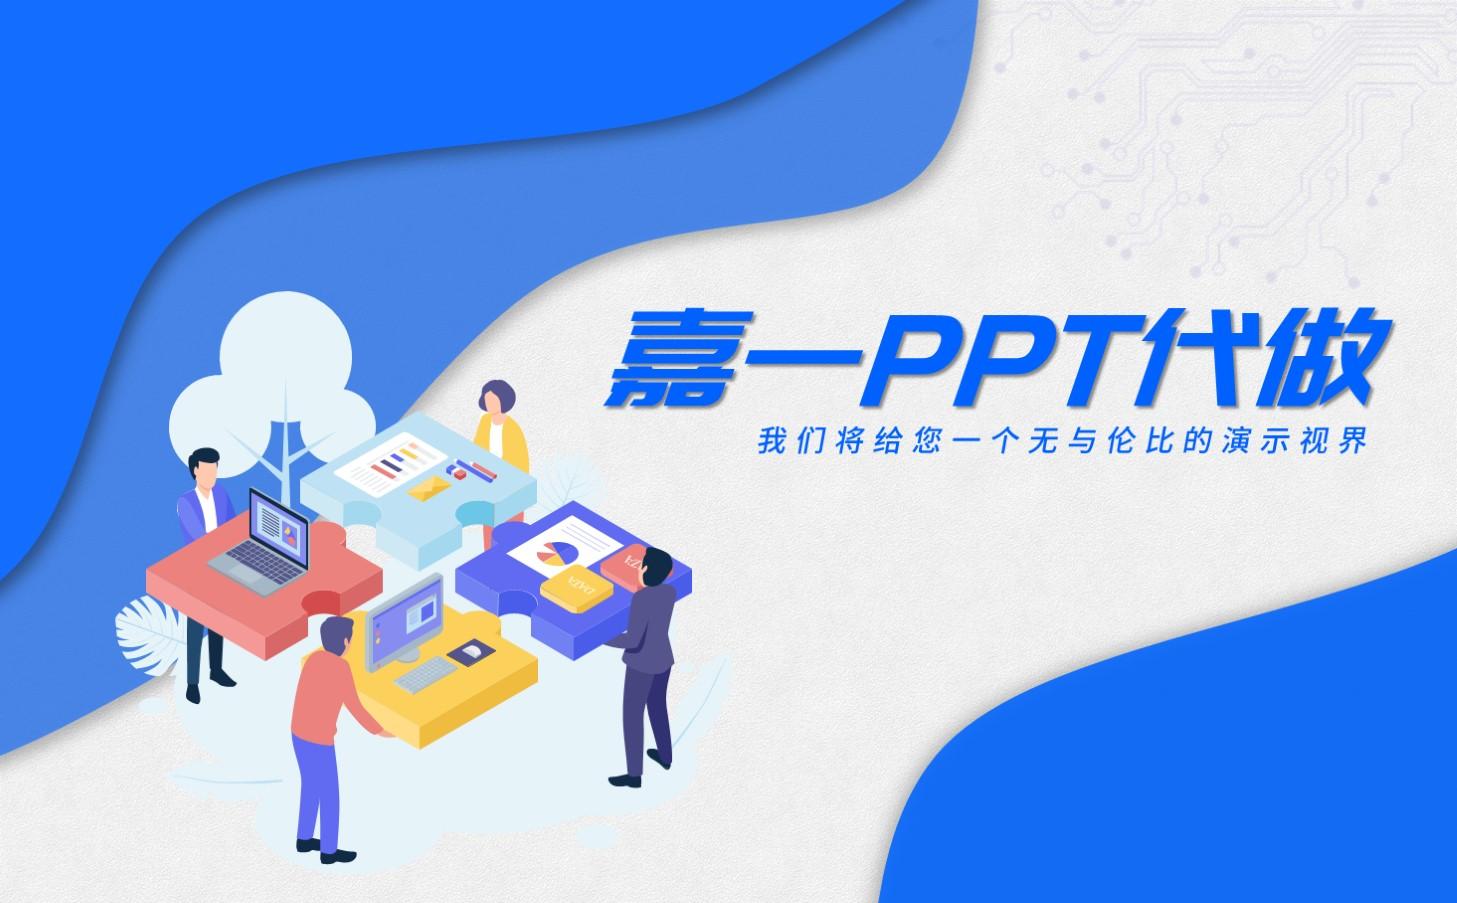 青海海南市PPT代做-專業ppt設計10年經驗-歡迎咨詢